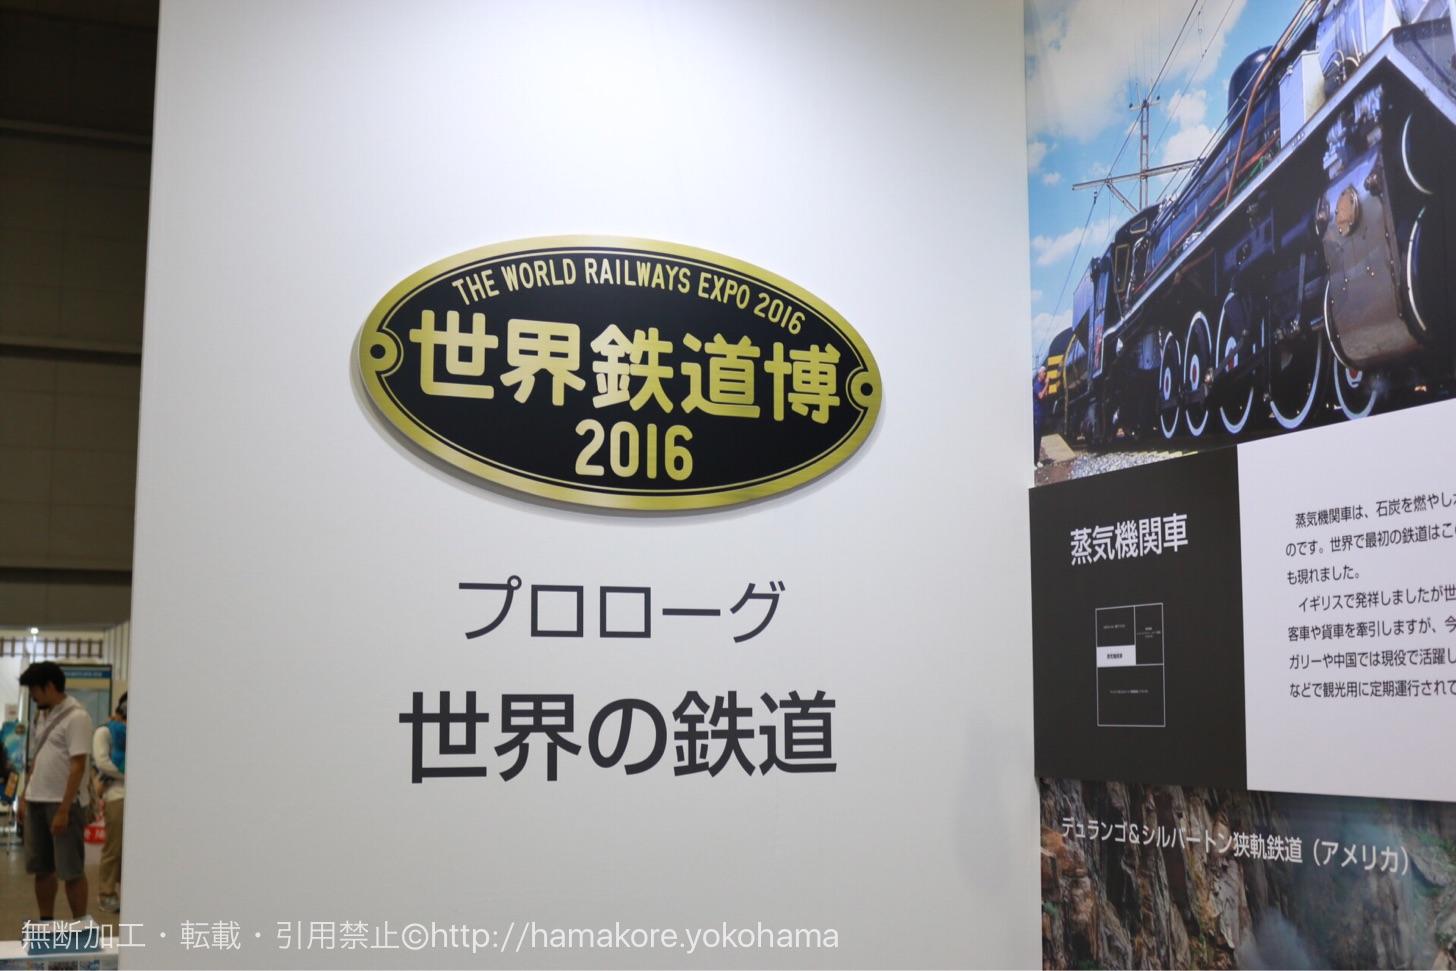 世界鉄道博2016 プロローグ